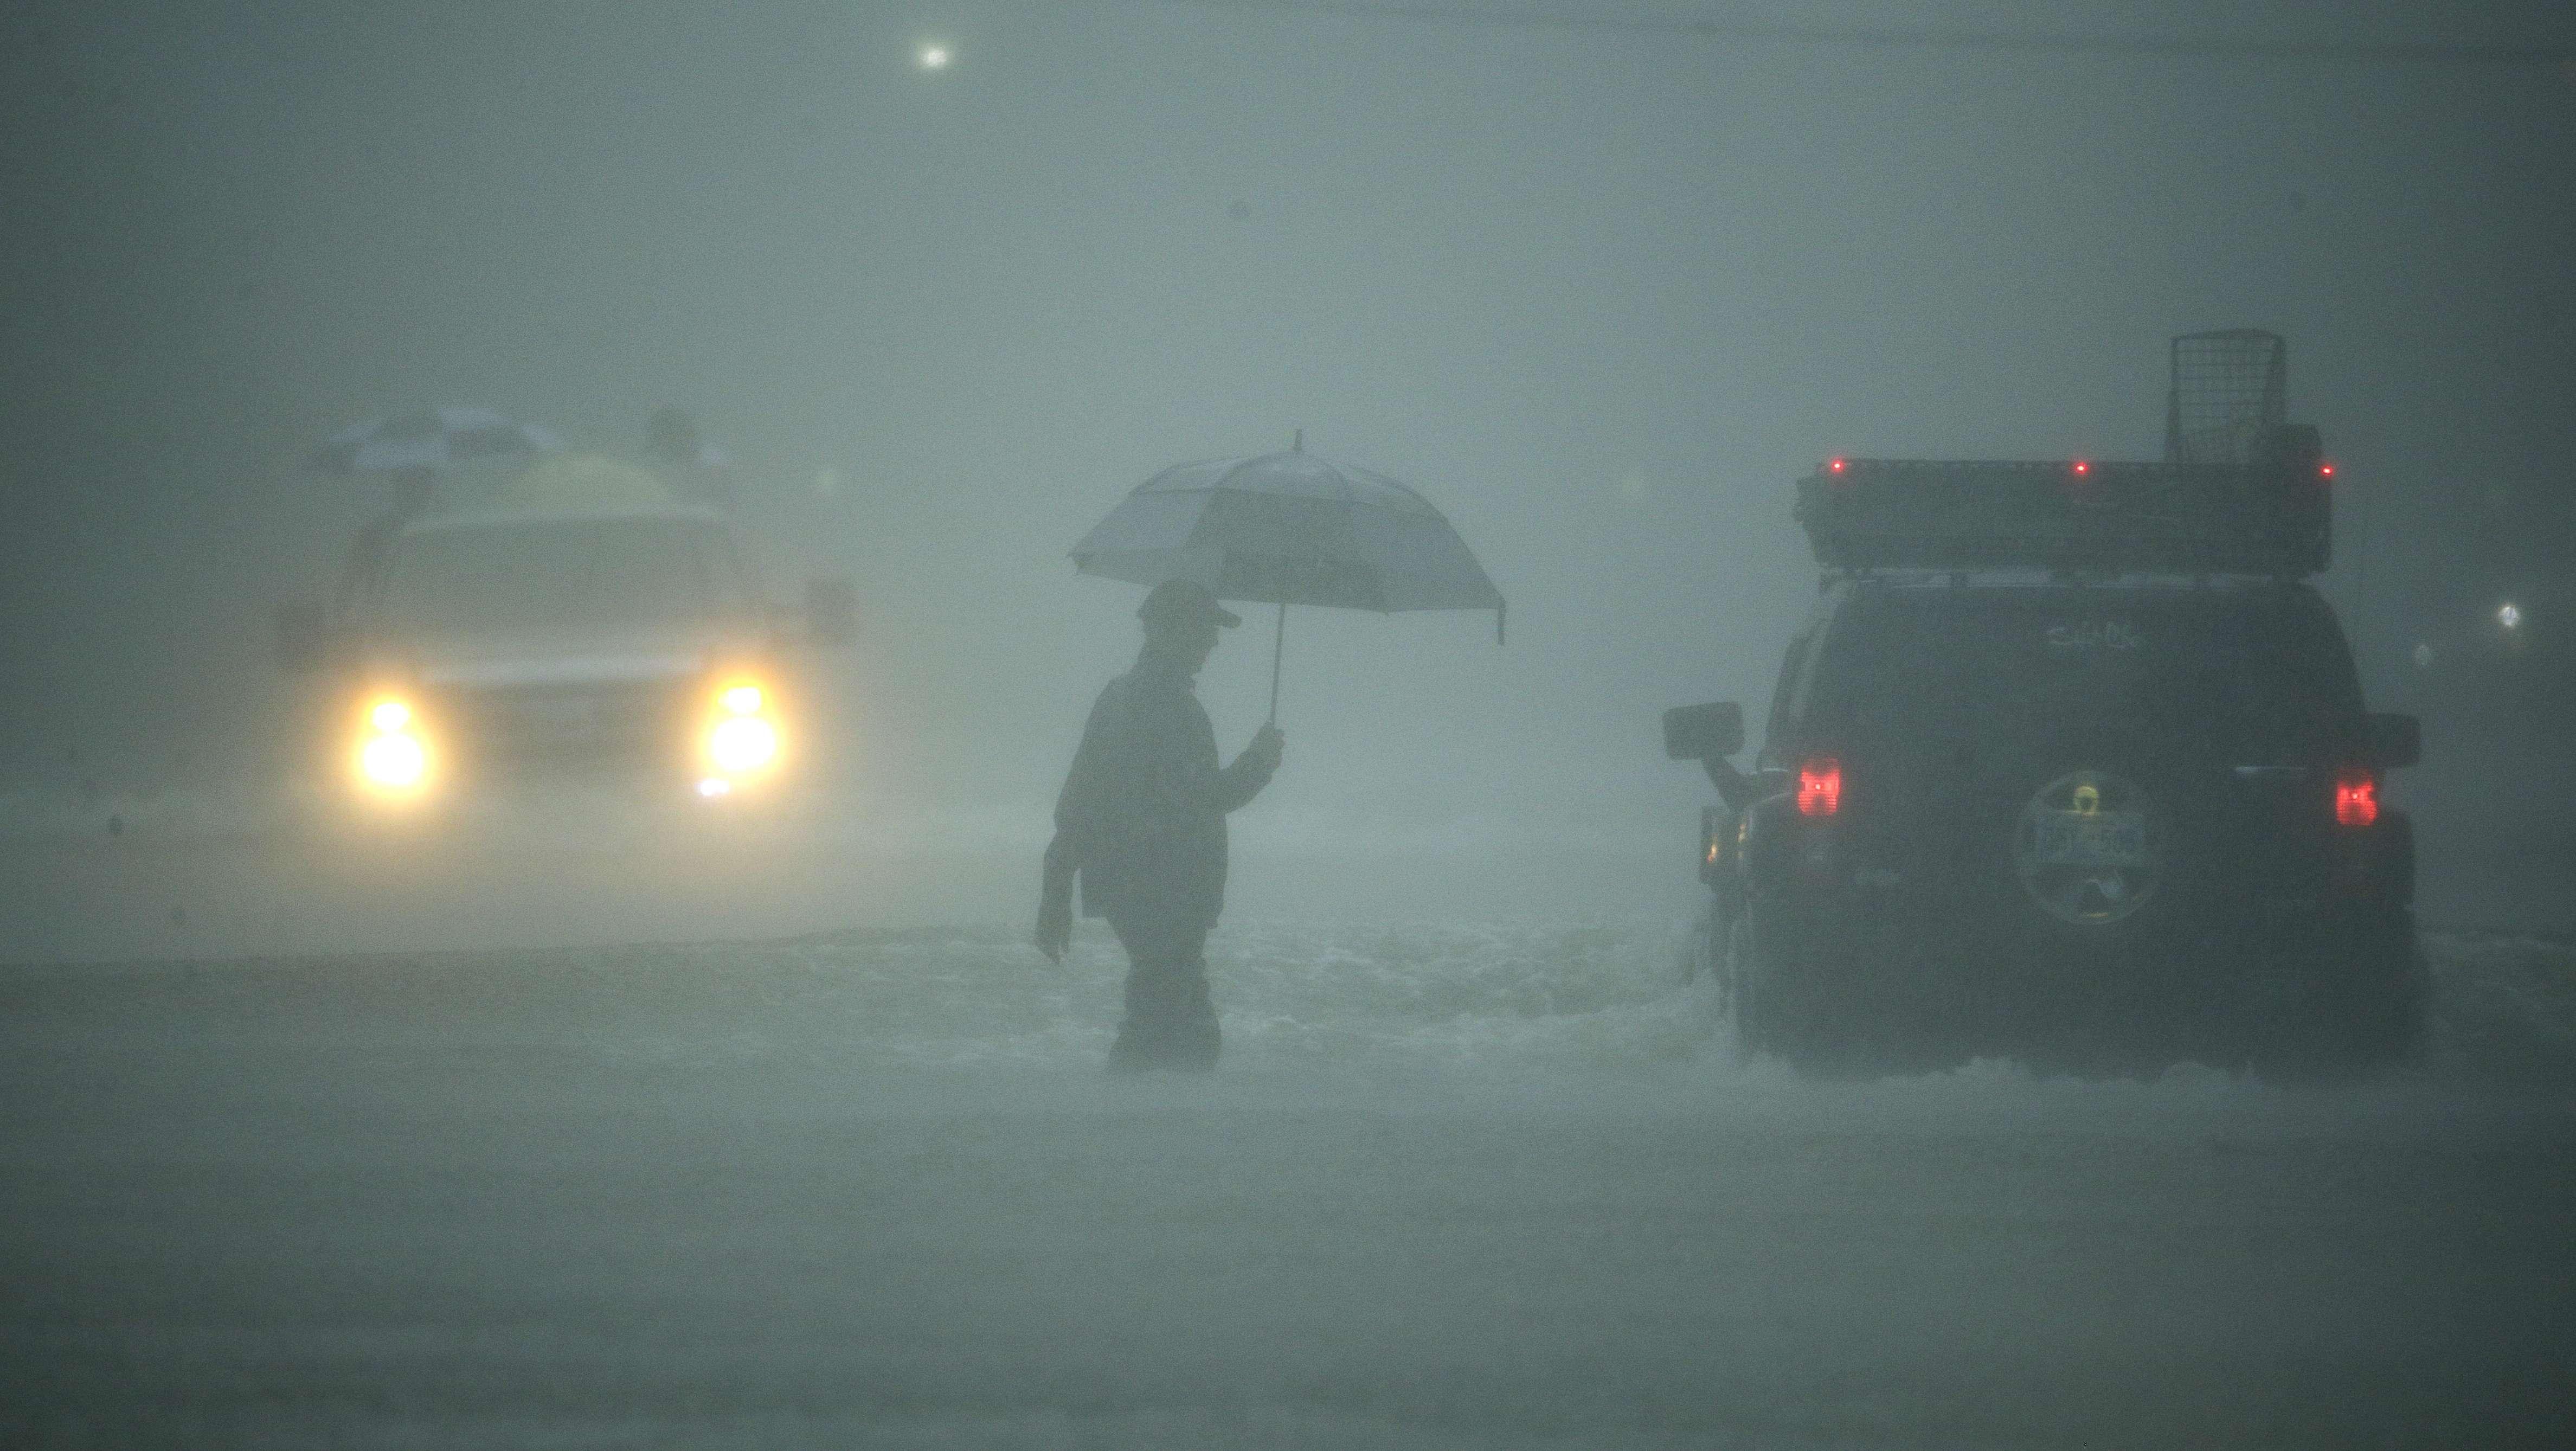 Ein Mann mit Regenschirm und zwei Autos auf einer überschwemmten Straße während des Hurrikans Harvey in Houston, Texas 2017